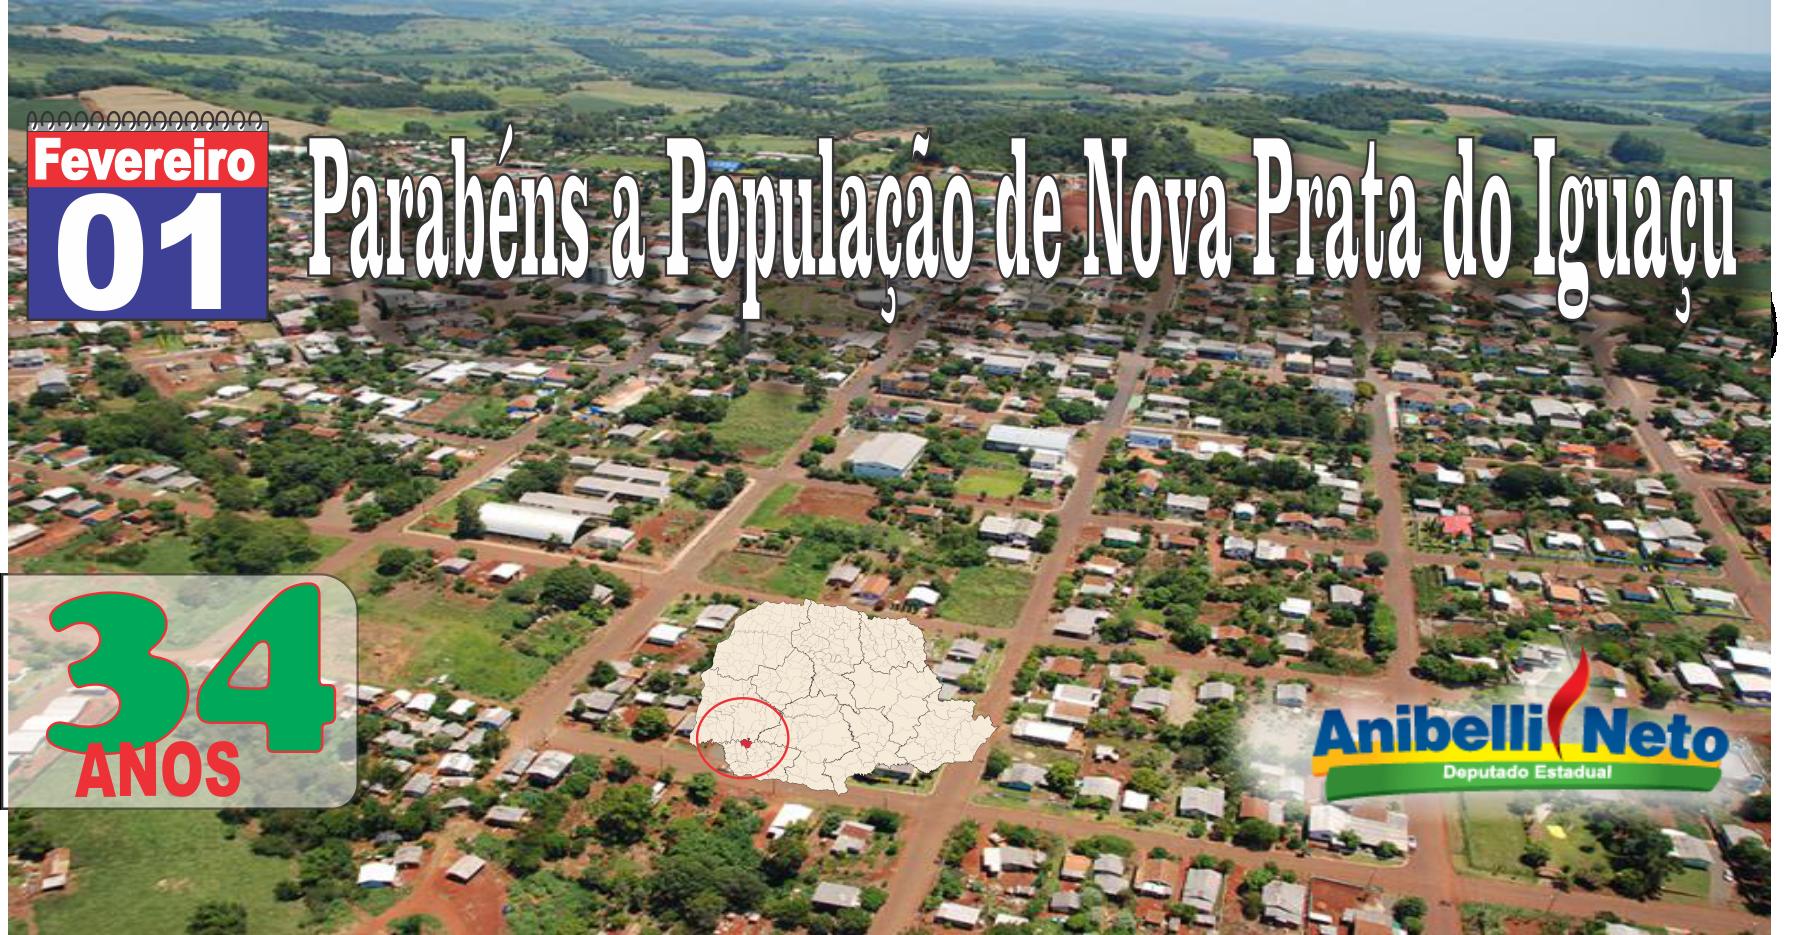 Nova Prata do Iguaçu Paraná fonte: anibelli.com.br